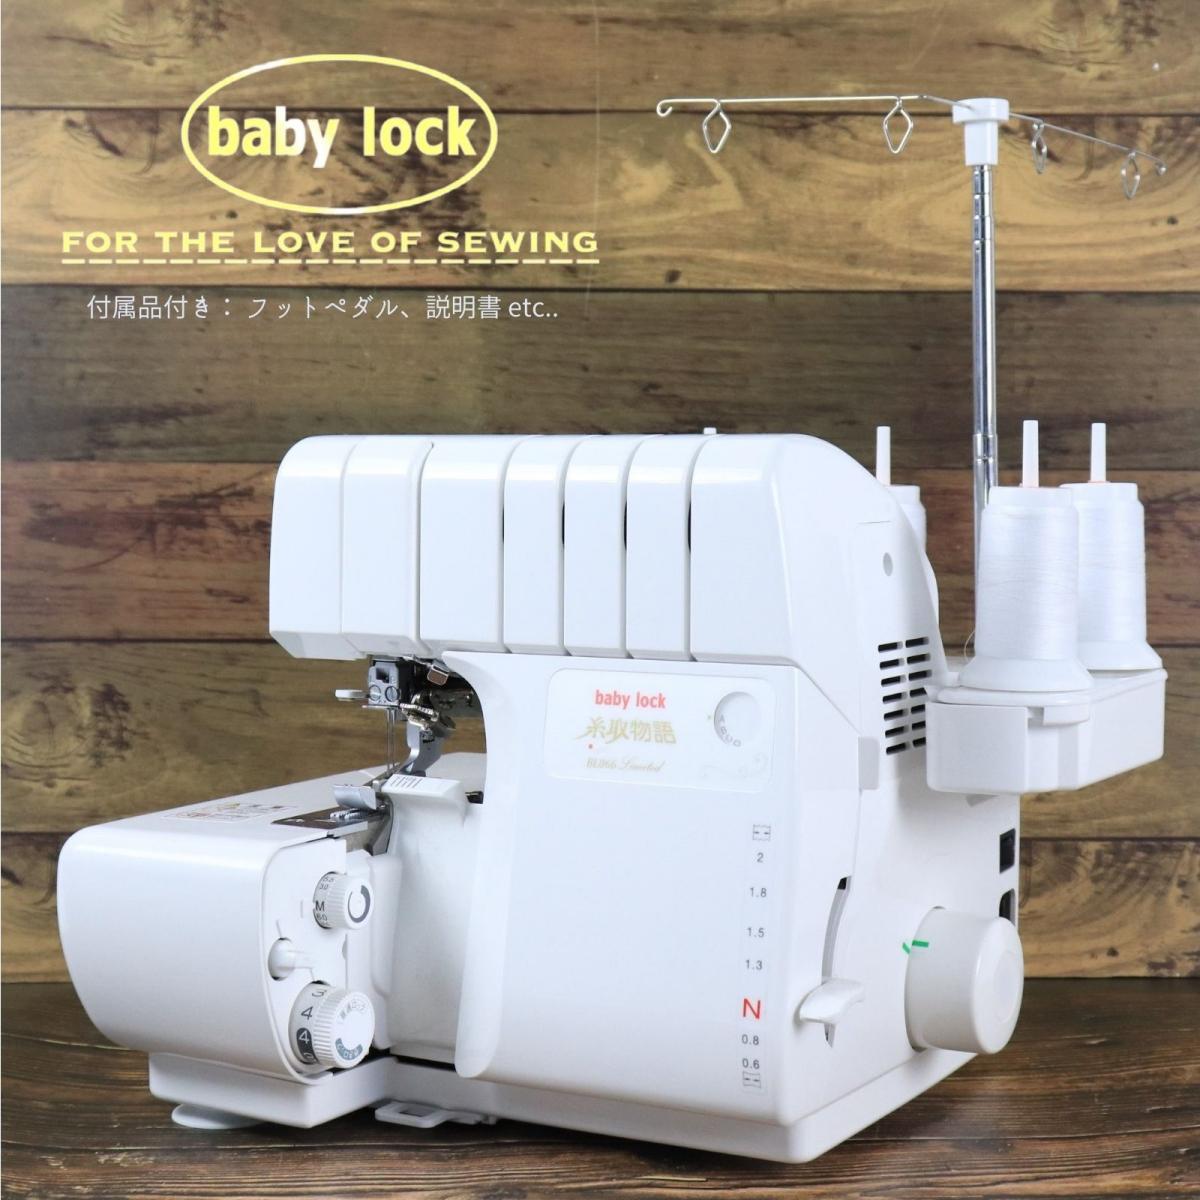  【動作良好 付属品◎】 baby lock ベイビーロック ミシン 糸取物語 BL066 limi…